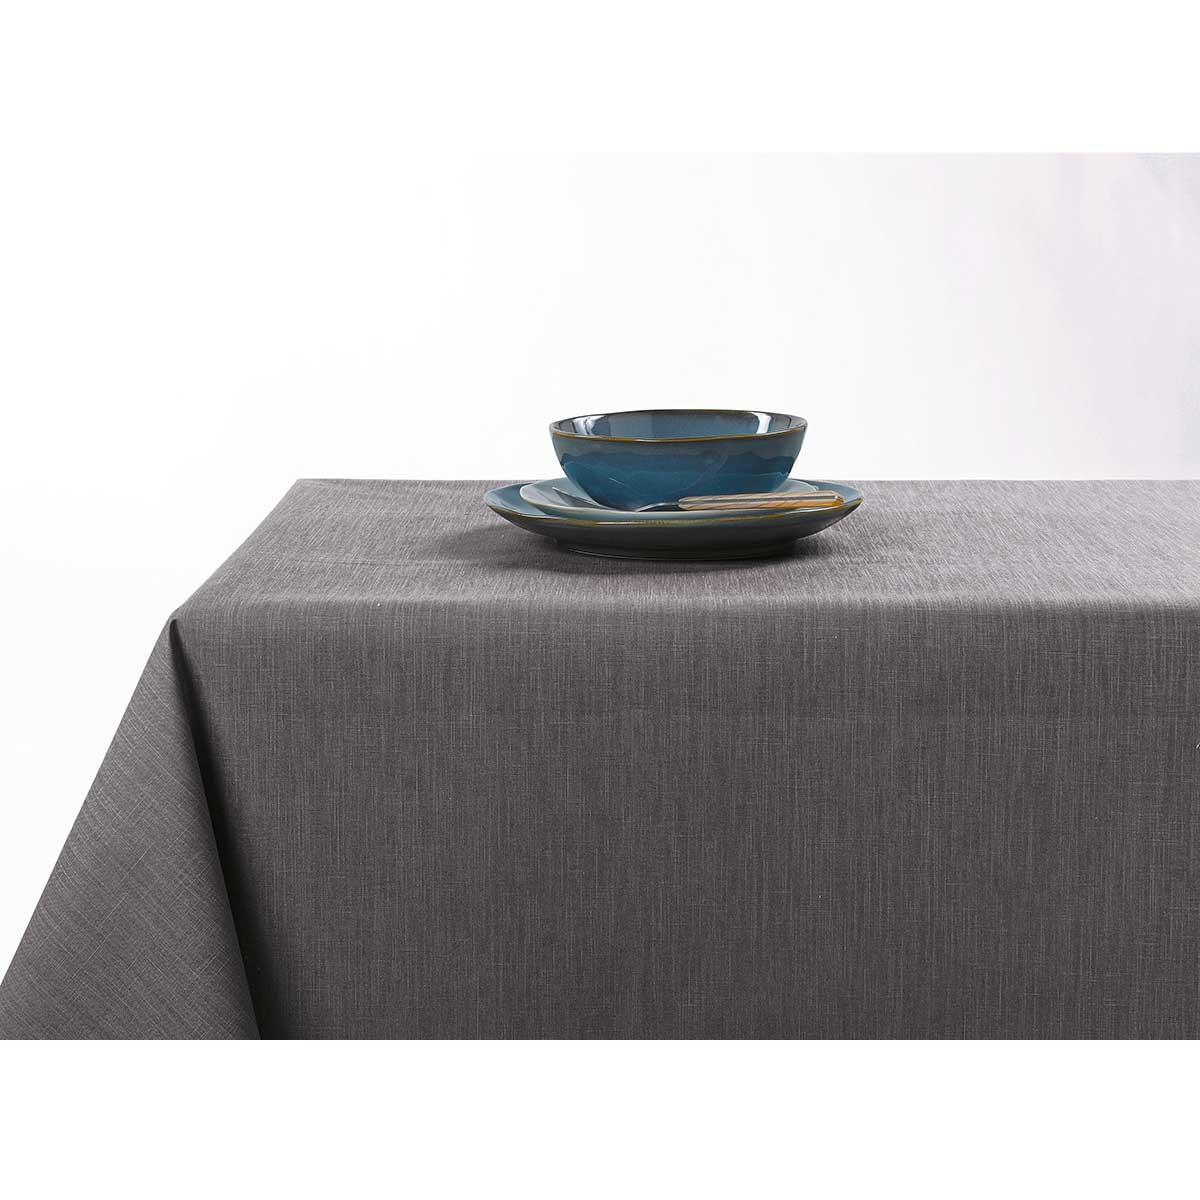 Nappe enduite anti taches aux couleurs acidulées - Gris Foncé - 150 x 200 cm